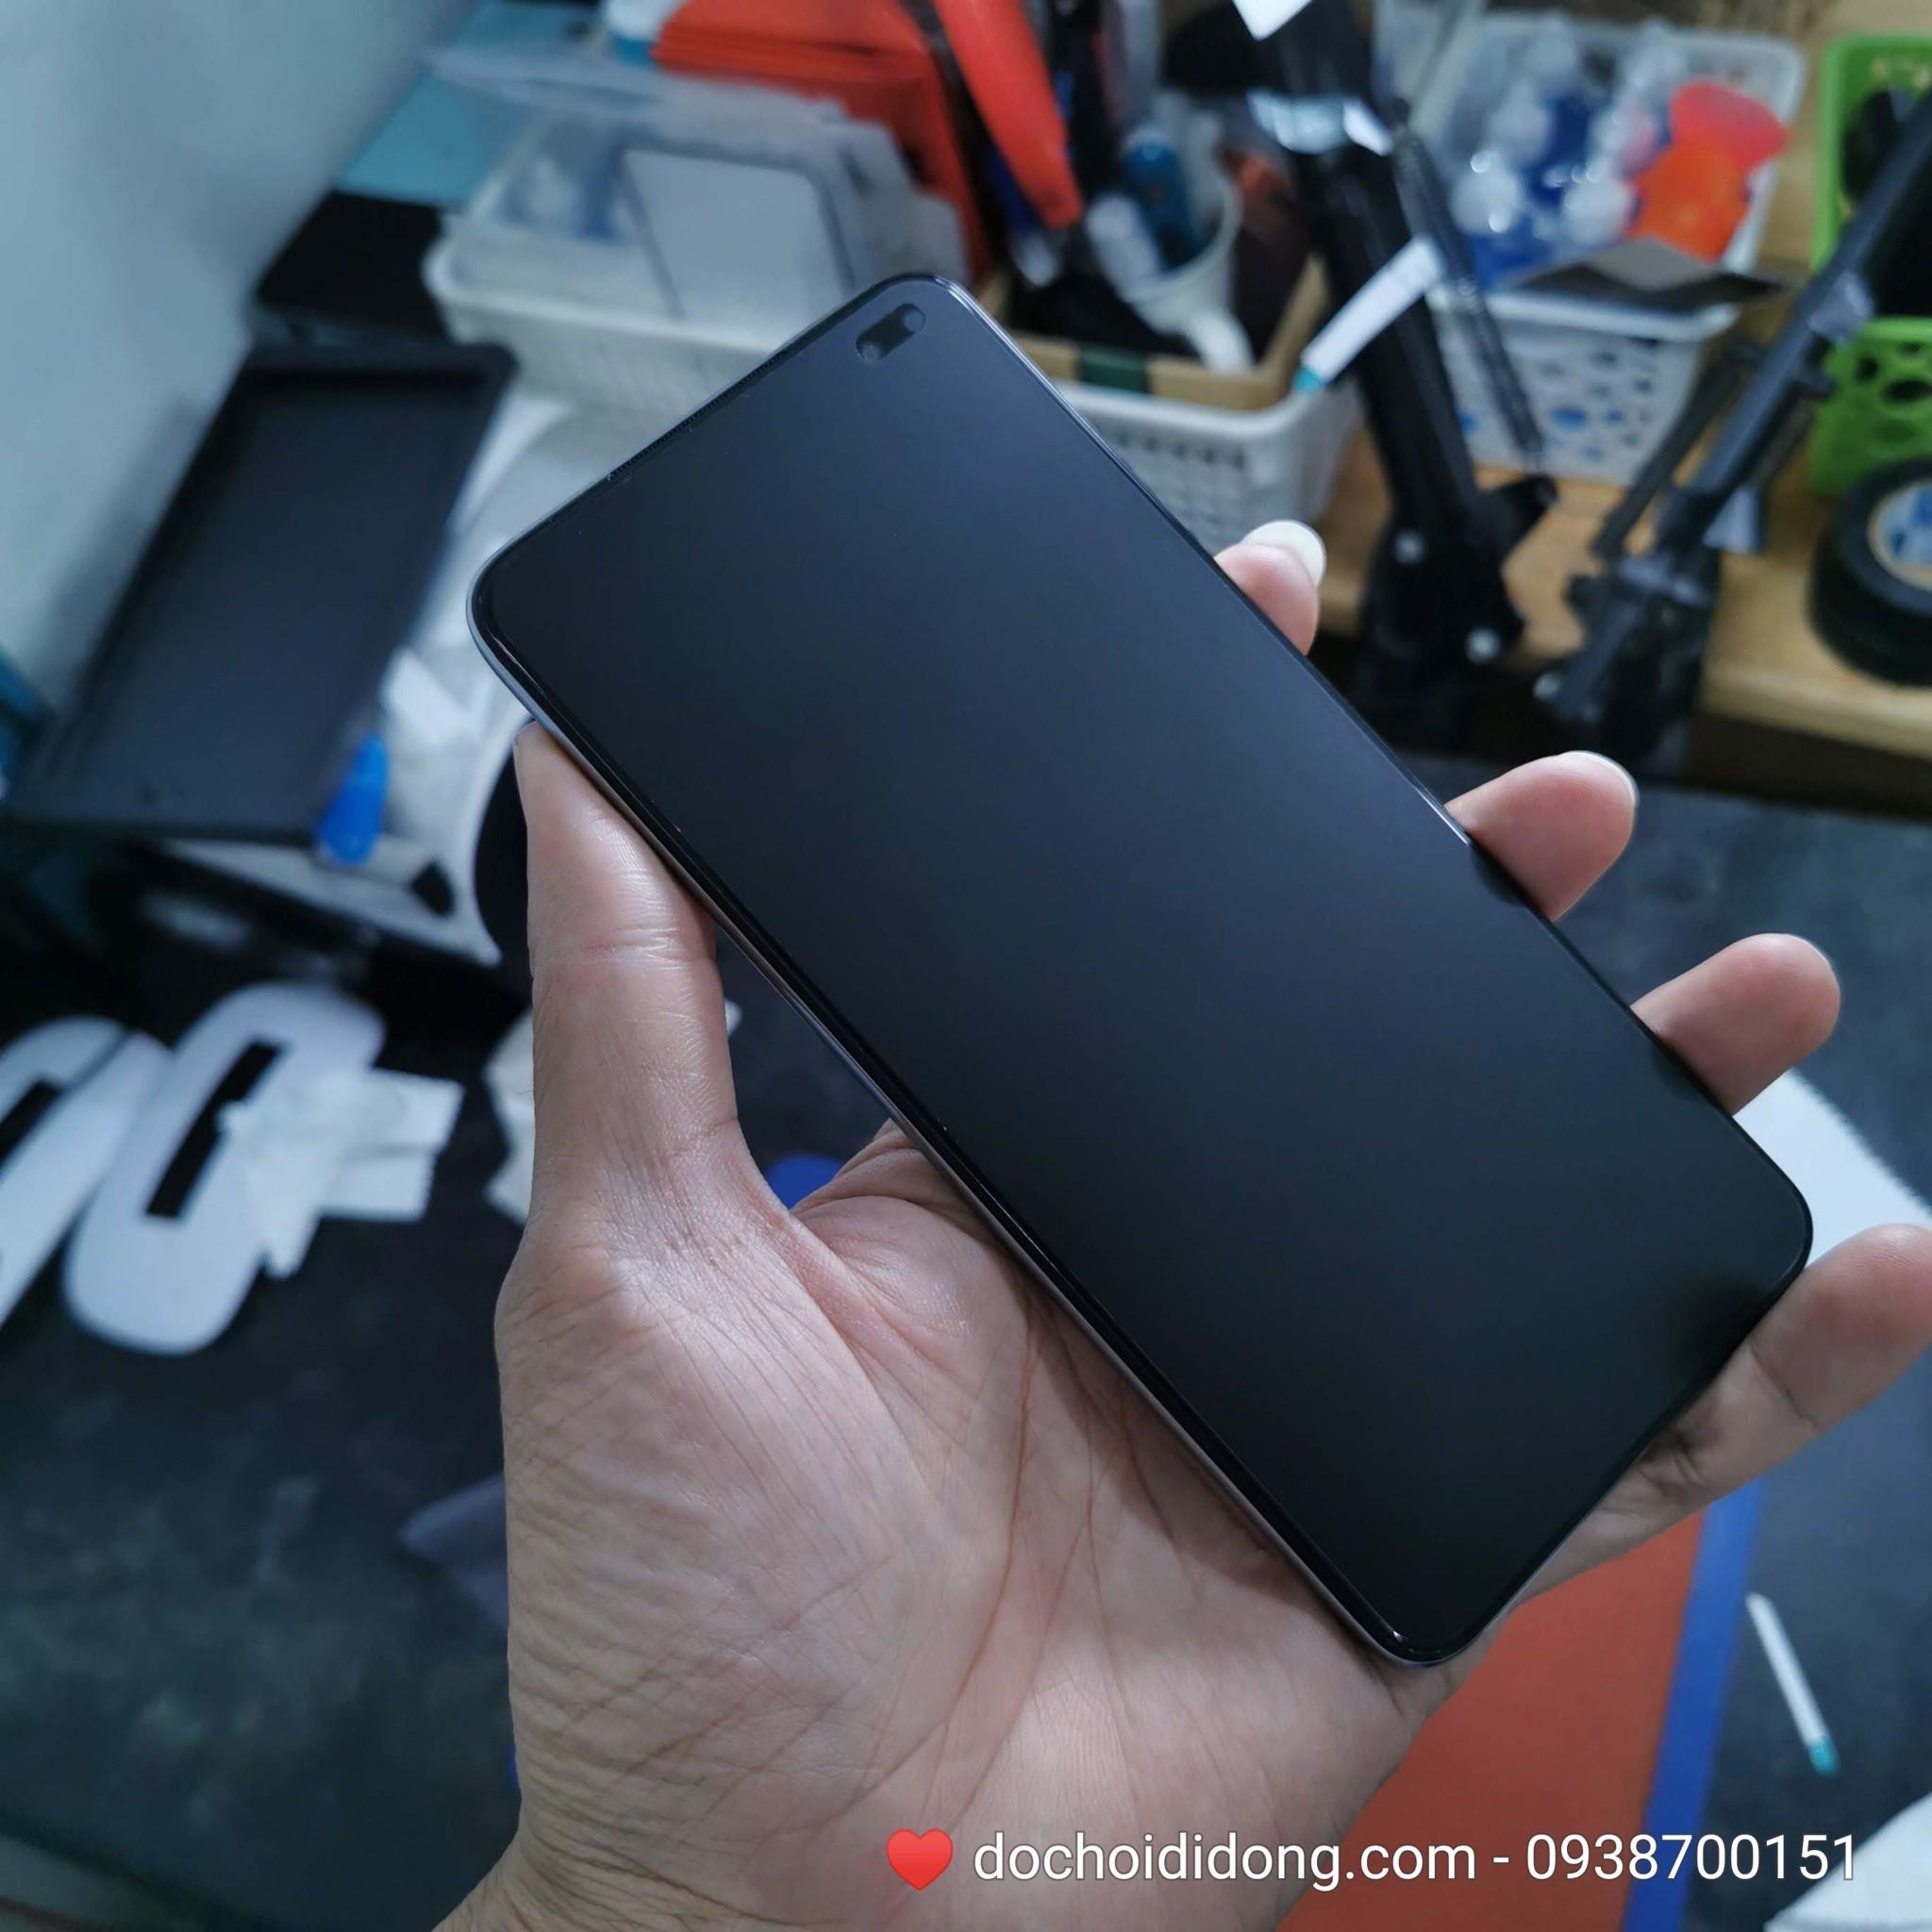 Miếng dán PPF Rock Xiaomi Redmi k30 trong, nhám, đổi màu cao cấp